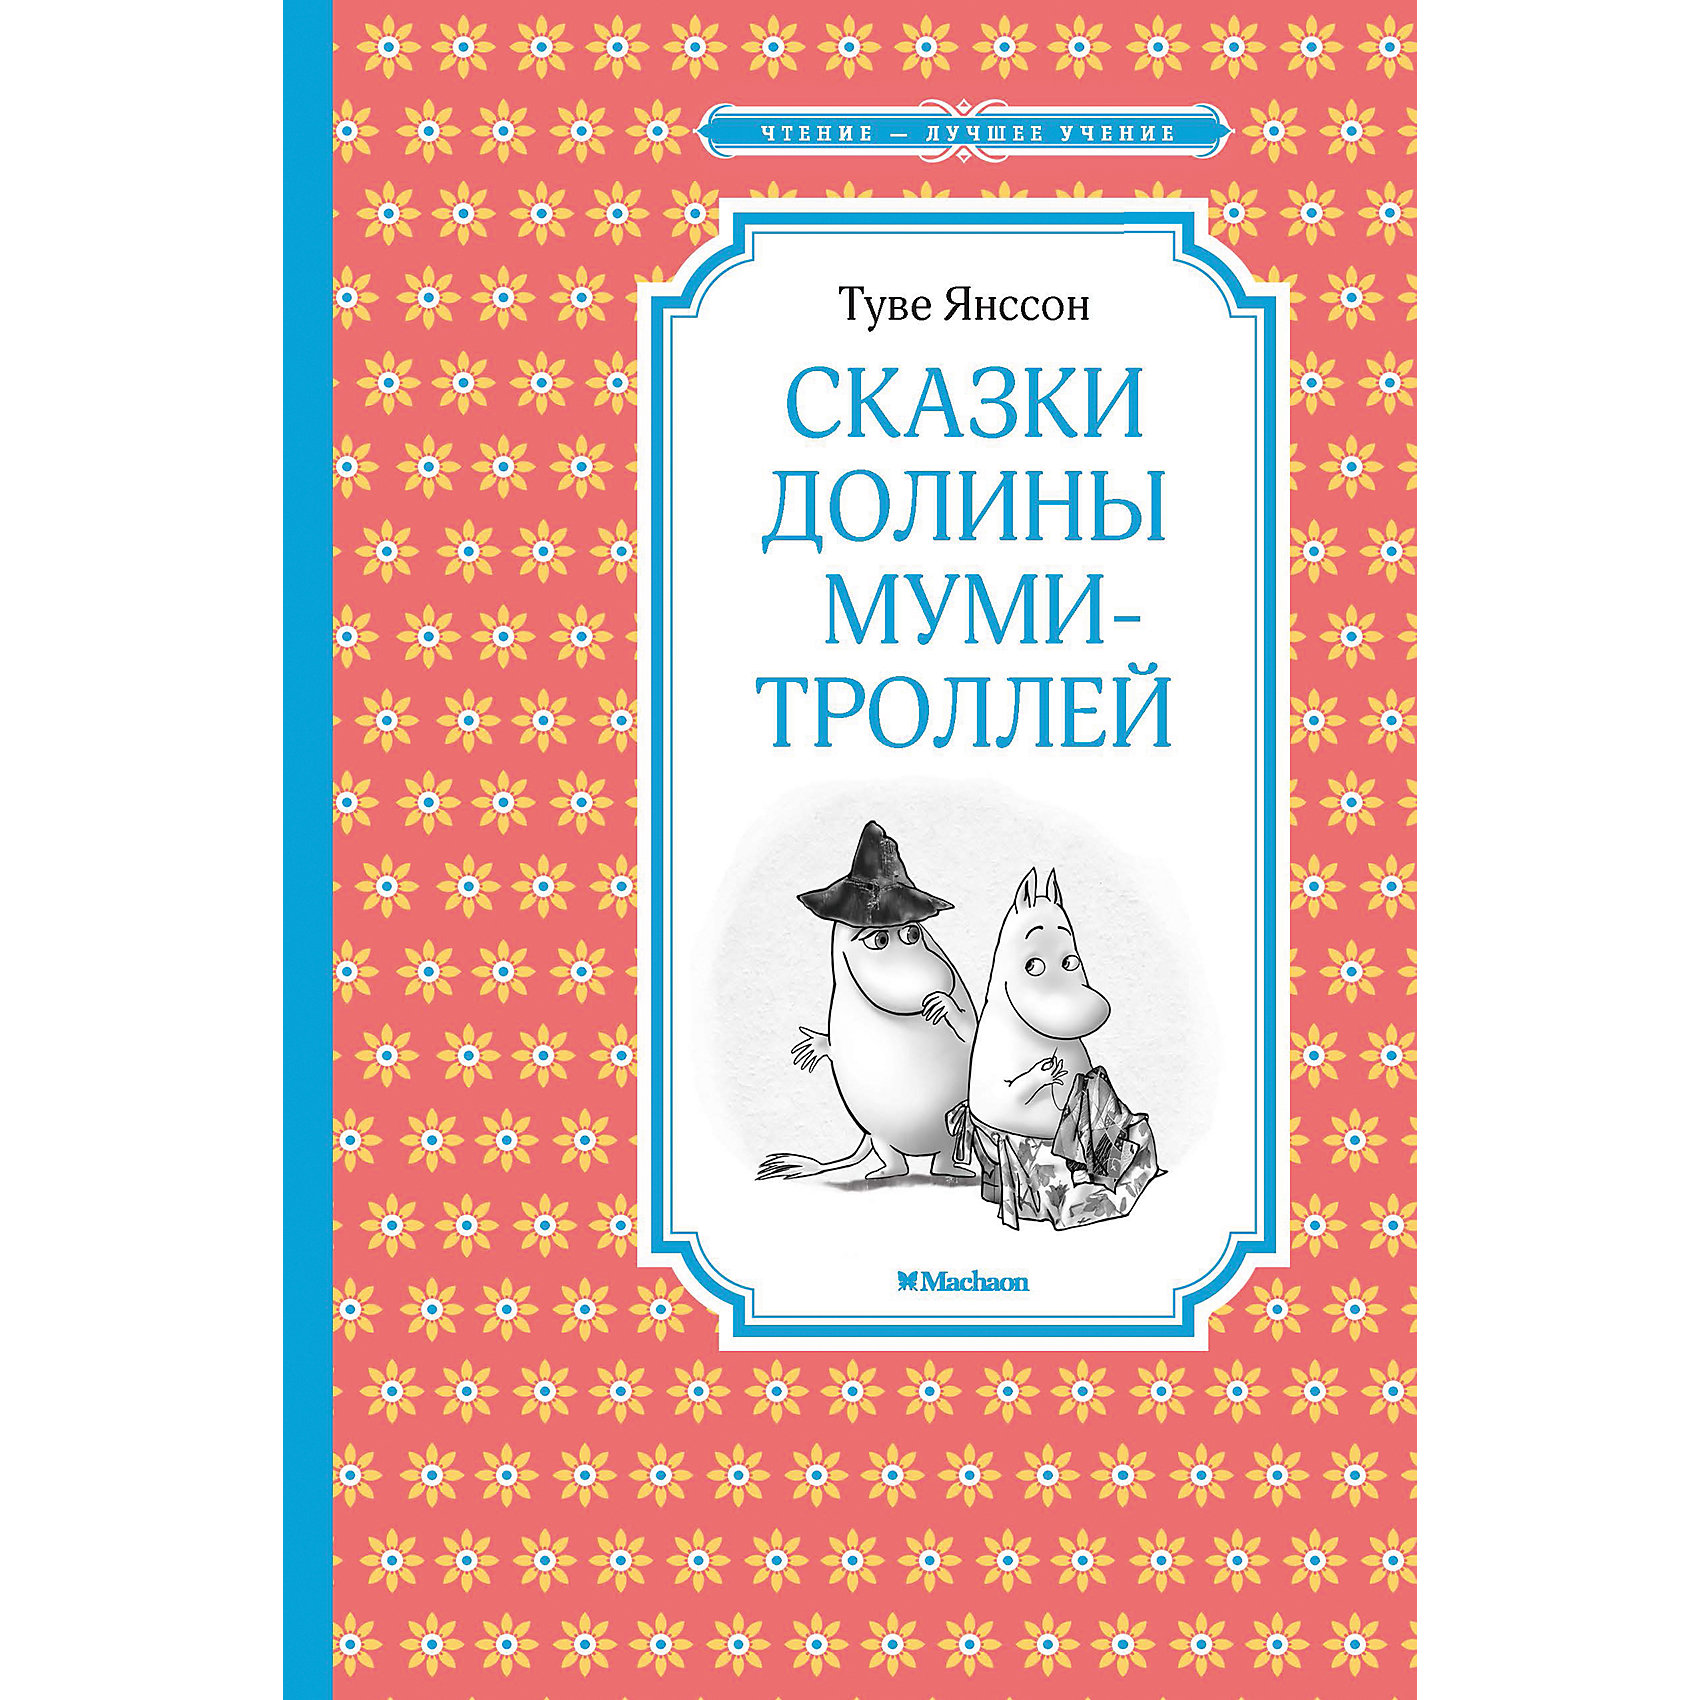 Сказки Долины муми-троллей, Т. ЯнссонСказки, рассказы, стихи<br>Финскую сказочницу Туве Янссон любят дети всей планеты. Кто не знает её забавных и милых обитателей гостеприимной долины, где царит беззаботное веселье, радость, любовь и домашний уют?! «Выдуманный мир моих муми-троллей, – писала Туве Янссон, – это мир, по которому наверняка в глубине души тоскует каждый из нас». <br>Не отказывайте себе в удовольствии - загляните в гостеприимную Долину муми-троллей!<br><br>Дополнительная информация:<br><br>Автор: Туве Янссон;<br>Формат: 21х14см;<br>Переплет: твердый переплет;<br>Страниц: 192;<br>Вес: 298 г.;<br>Производитель: Махаон, Россия.<br>Год выпуска: 2015;<br><br>Произведения Туве Янссон Сказки Долины муми-троллей можно купить в нашем магазине.<br><br>Ширина мм: 210<br>Глубина мм: 140<br>Высота мм: 9<br>Вес г: 298<br>Возраст от месяцев: 84<br>Возраст до месяцев: 120<br>Пол: Унисекс<br>Возраст: Детский<br>SKU: 4725976